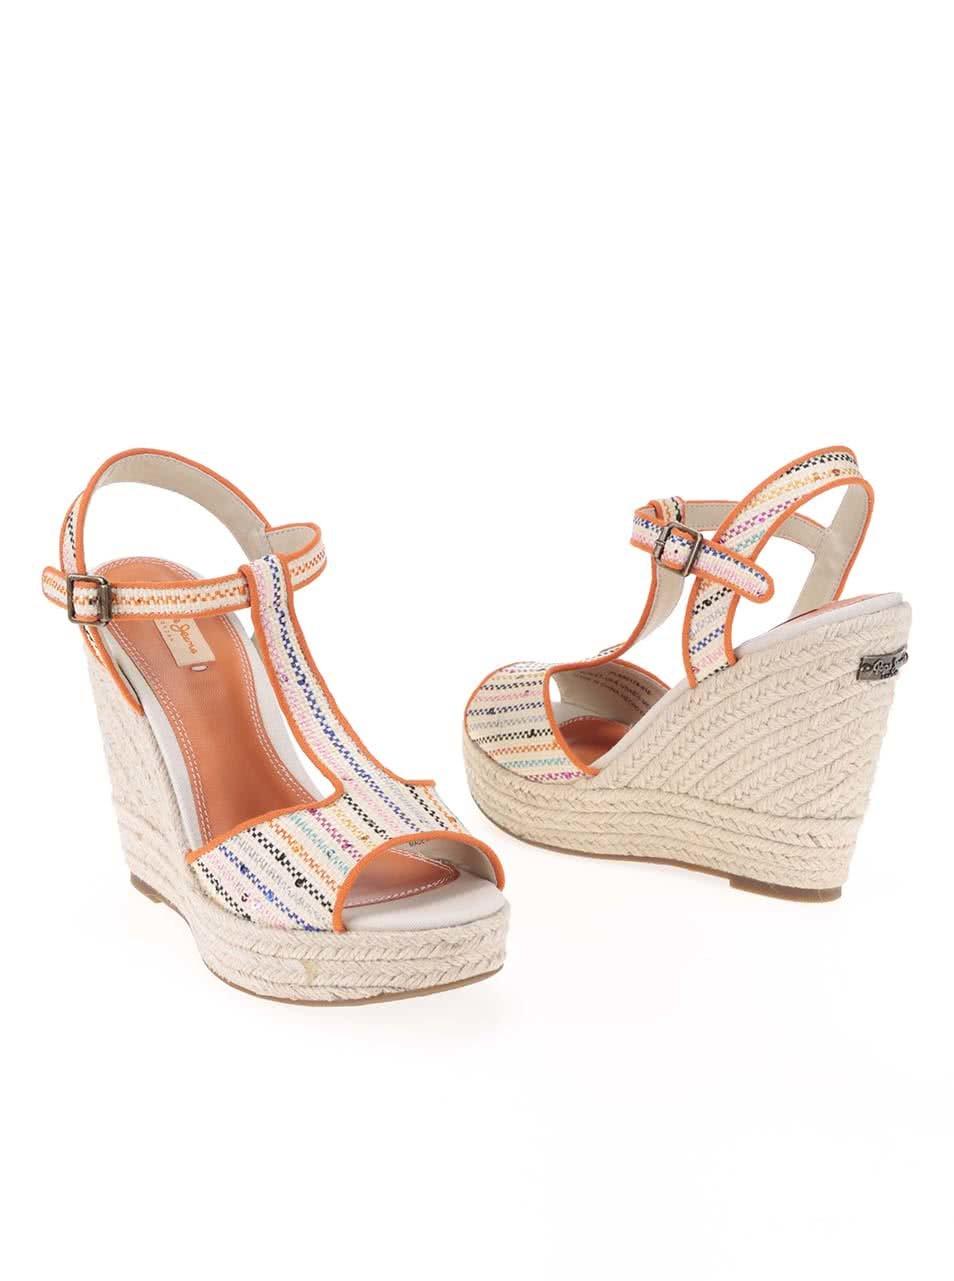 f4b4c87e0fb0 Oranžovo-béžové dámske sandále na platforme Pepe Jeans ...